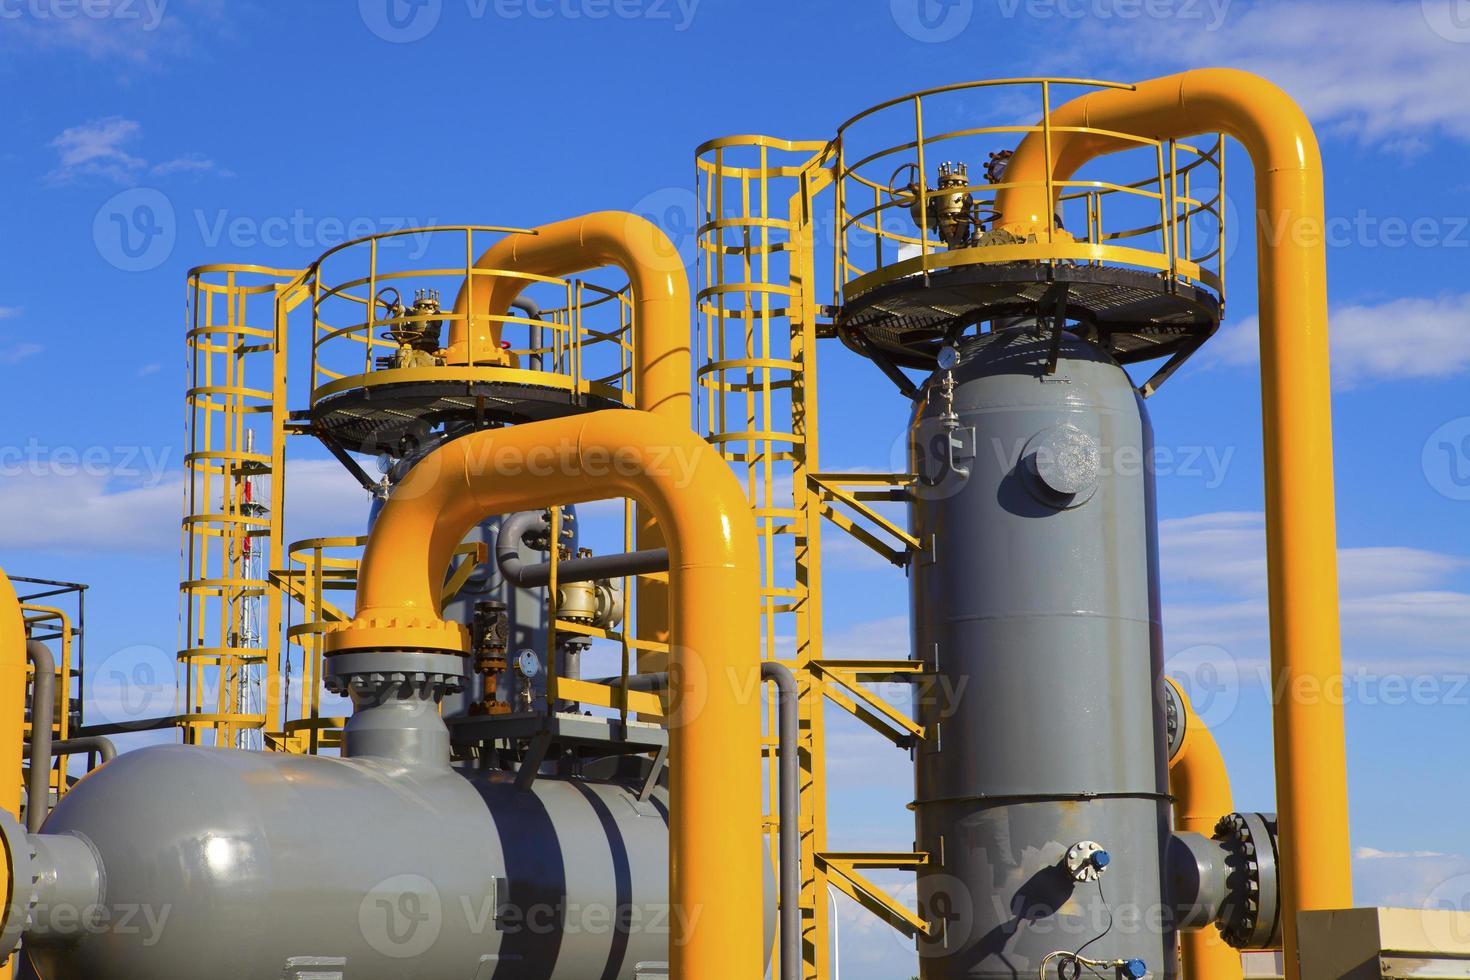 equipos utilizados en la industria petroquímica foto